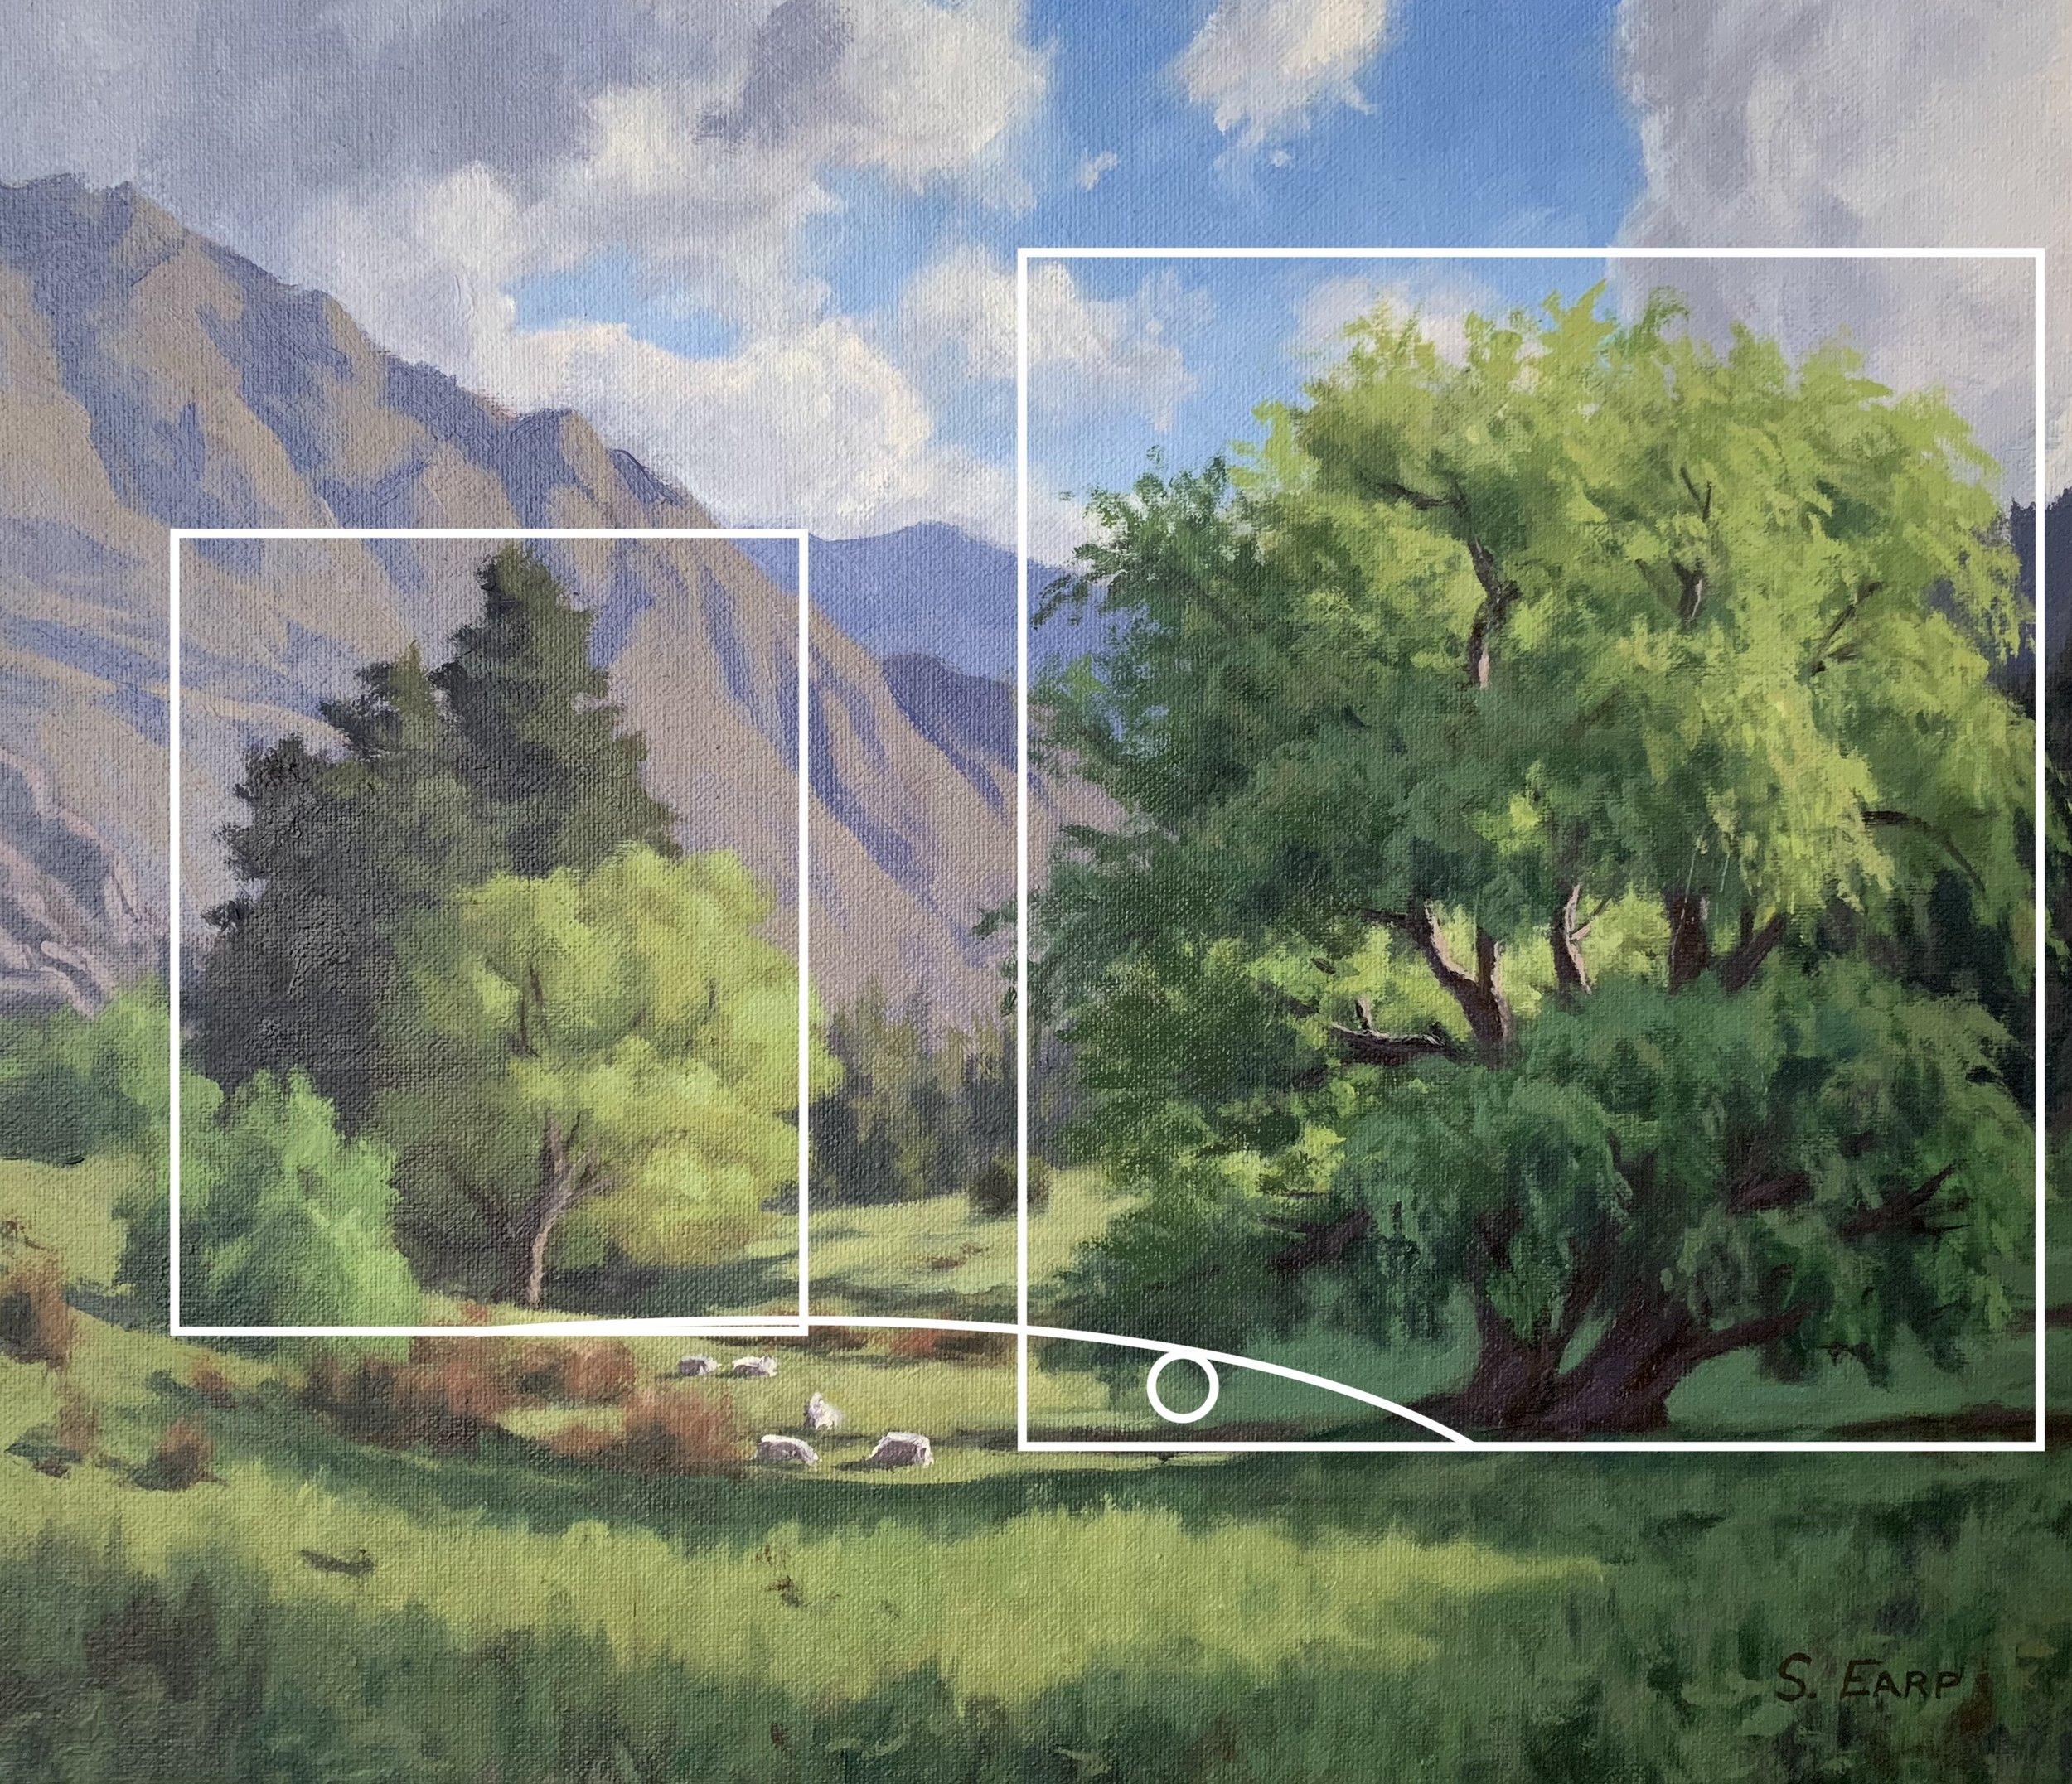 Willow Trees and Light - Samuel Earp - oil painting 1.jpg